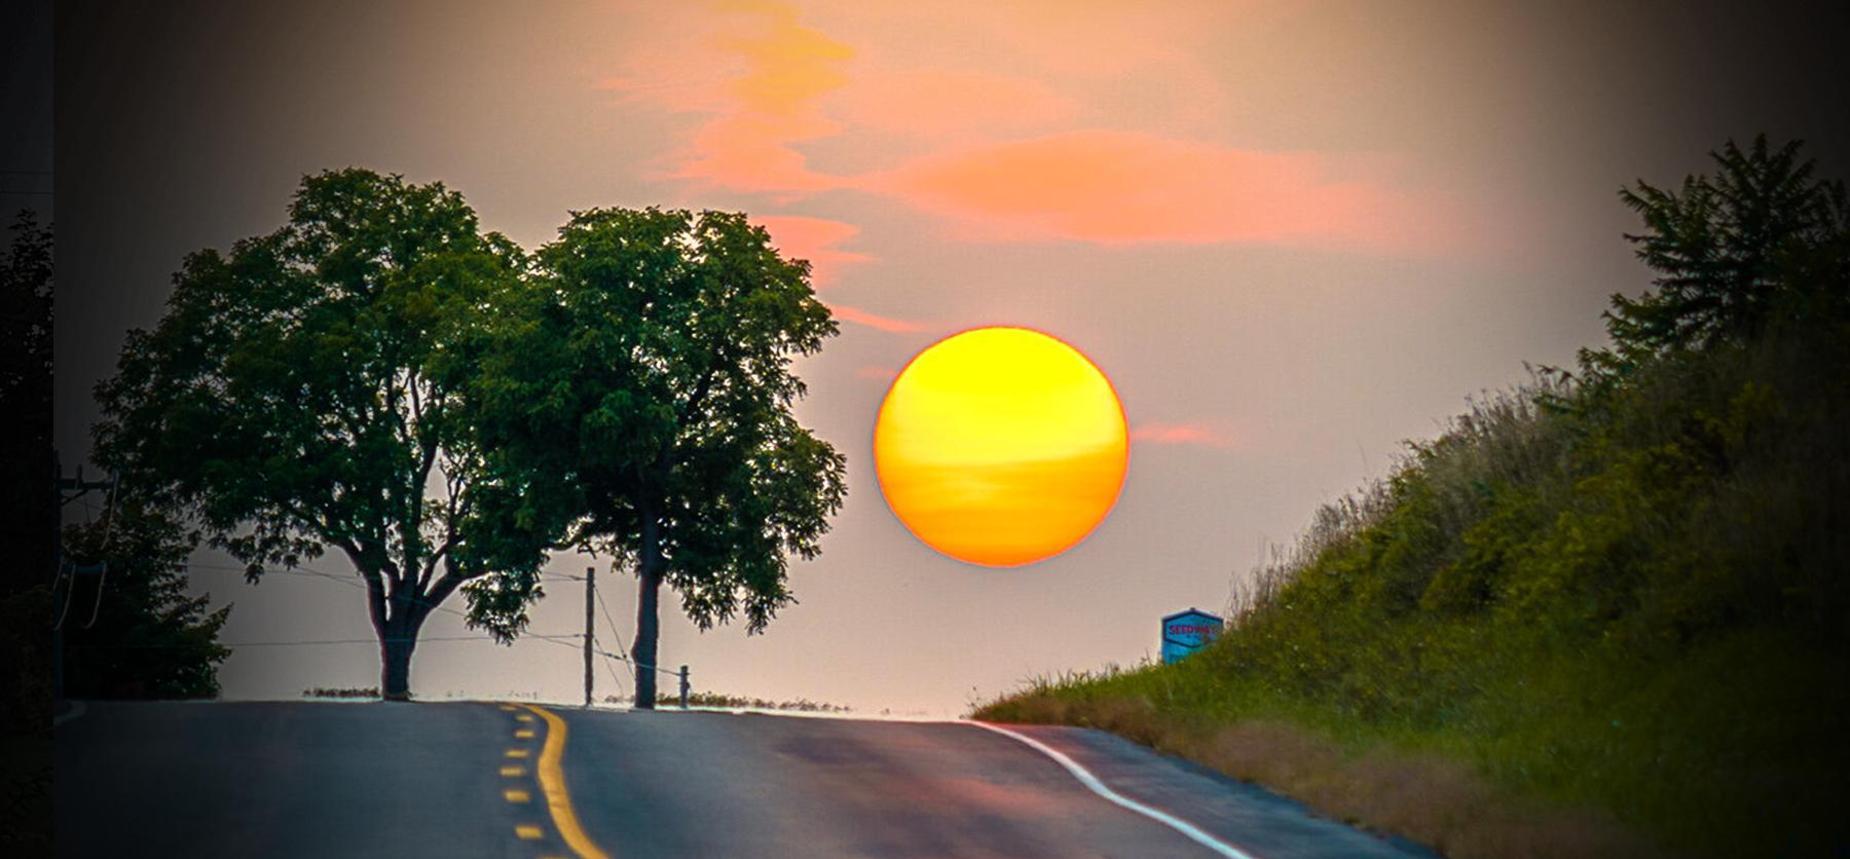 Photograph of California Sun by Brady Hommel in Honeoye NY